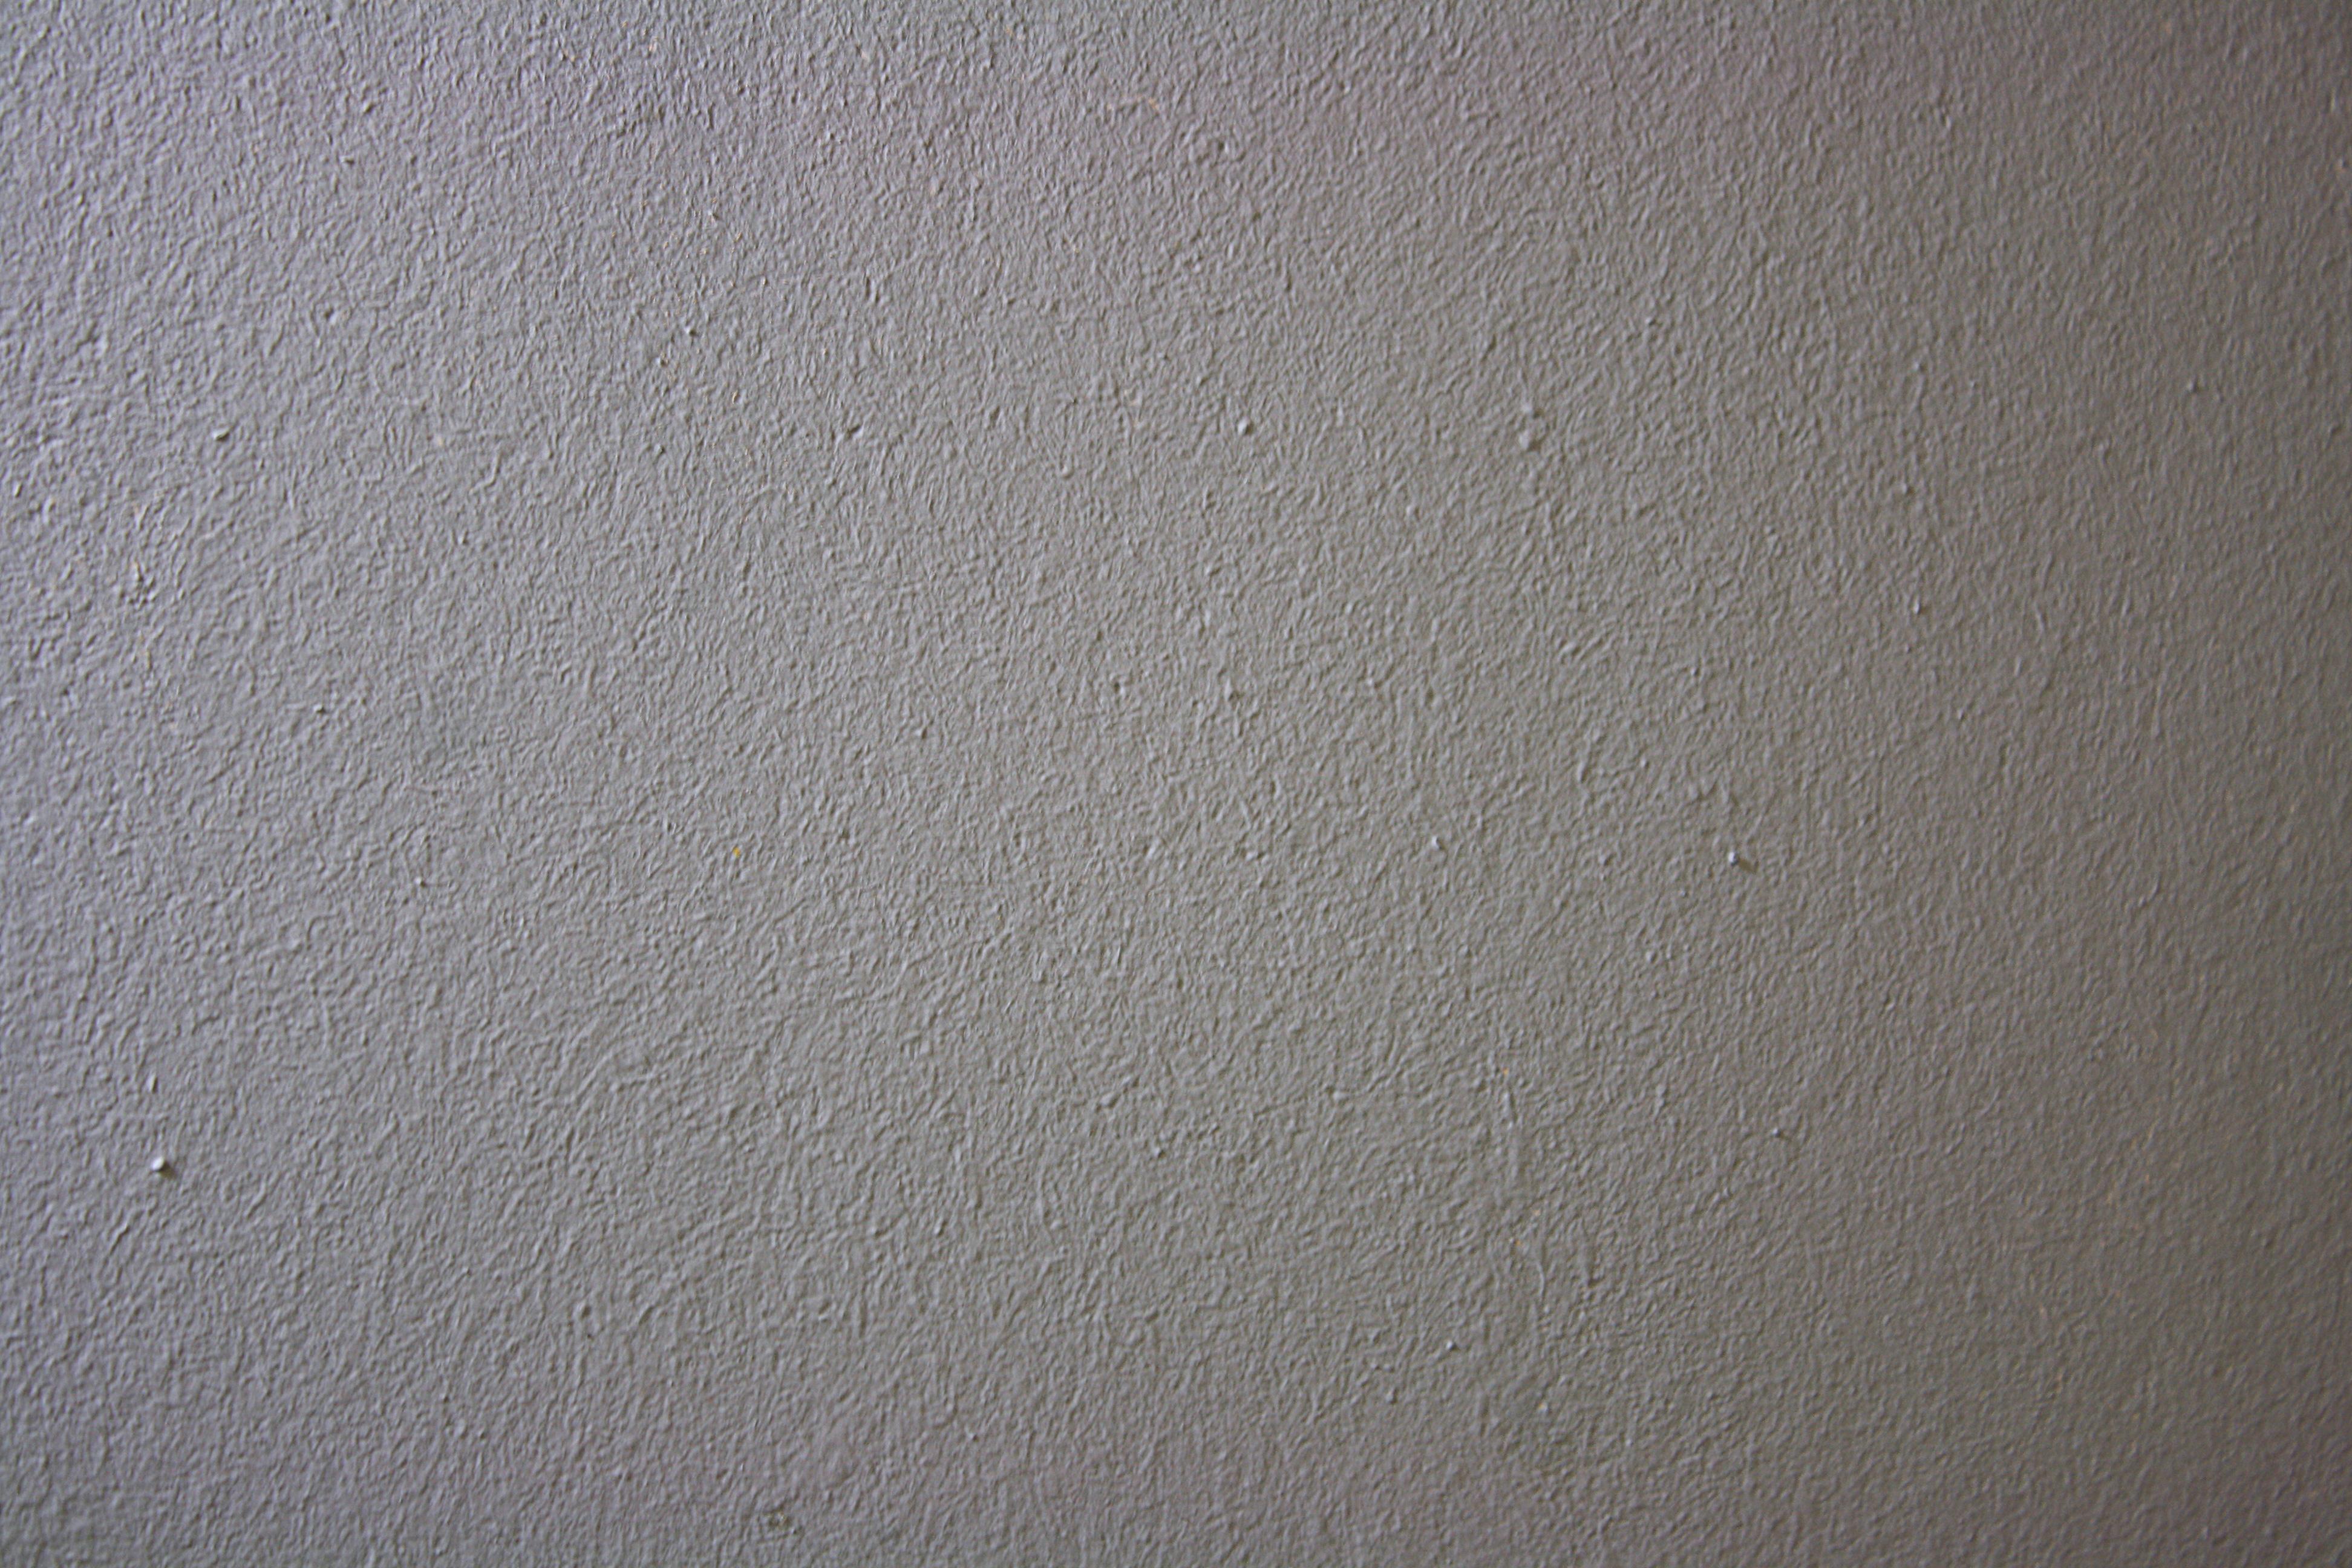 3 wall textures | Texture Fabrik